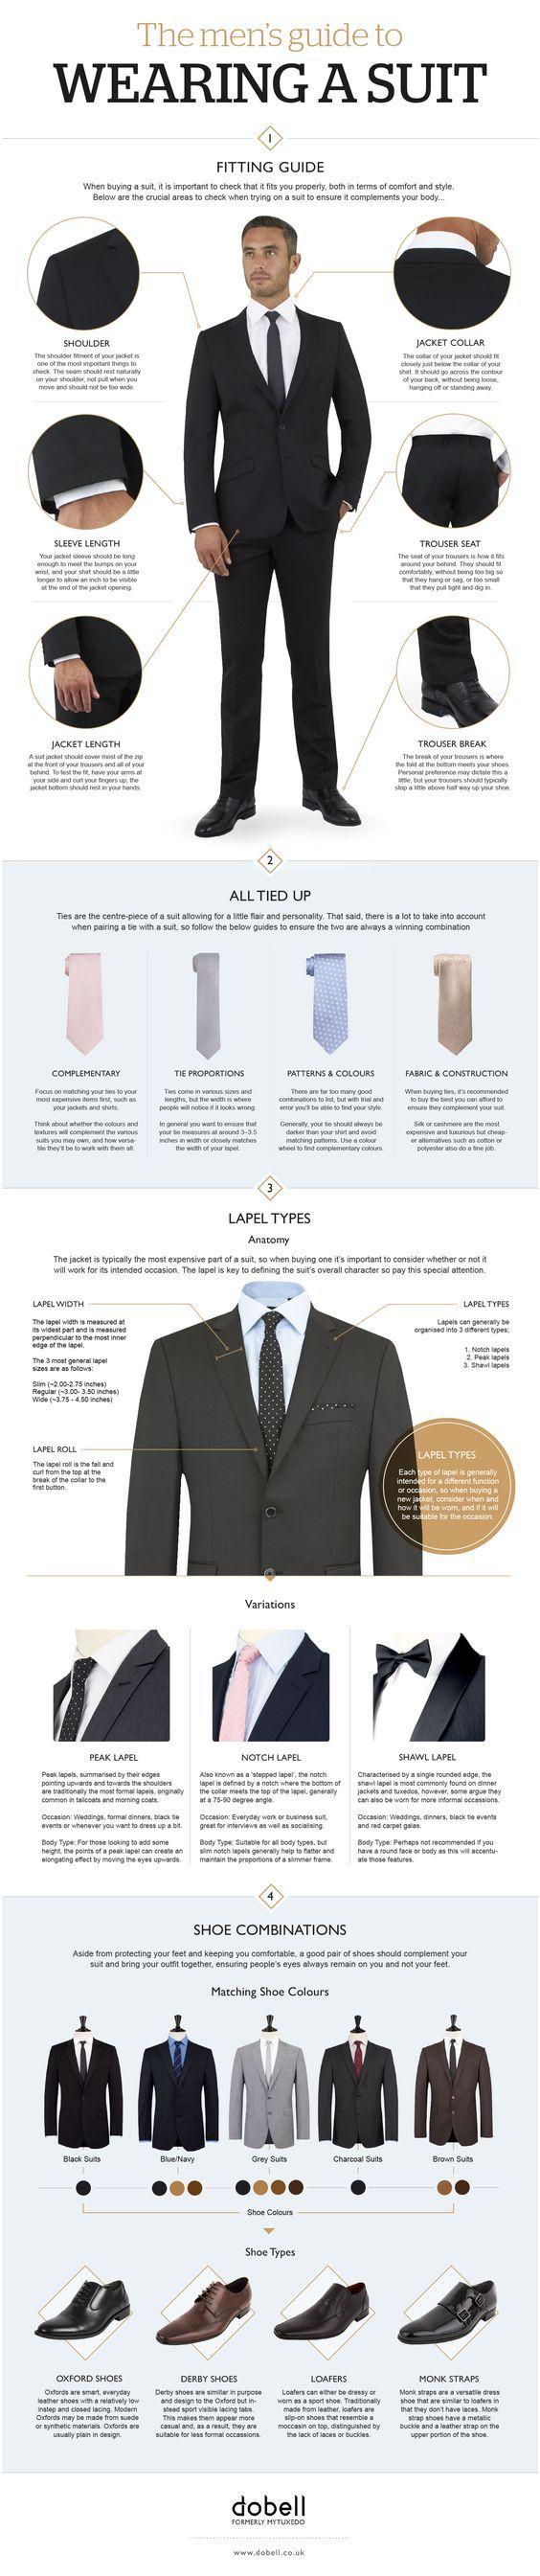 mens-guide-on-how-to-look-good-in-a-suit: jetzt neu! ->. . . . . der Blog für den Gentleman.viele interessante Beiträge  - www.thegentlemanclub.de/blog